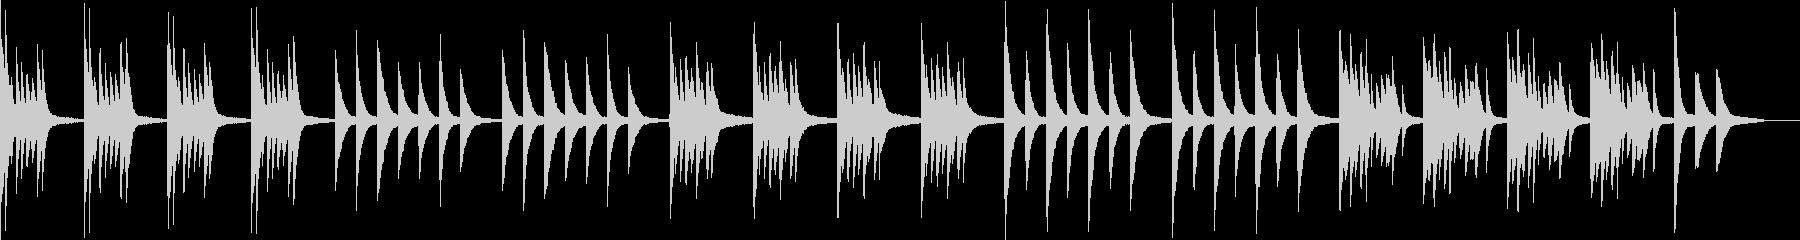 ホラー・不安なピアノ曲の未再生の波形